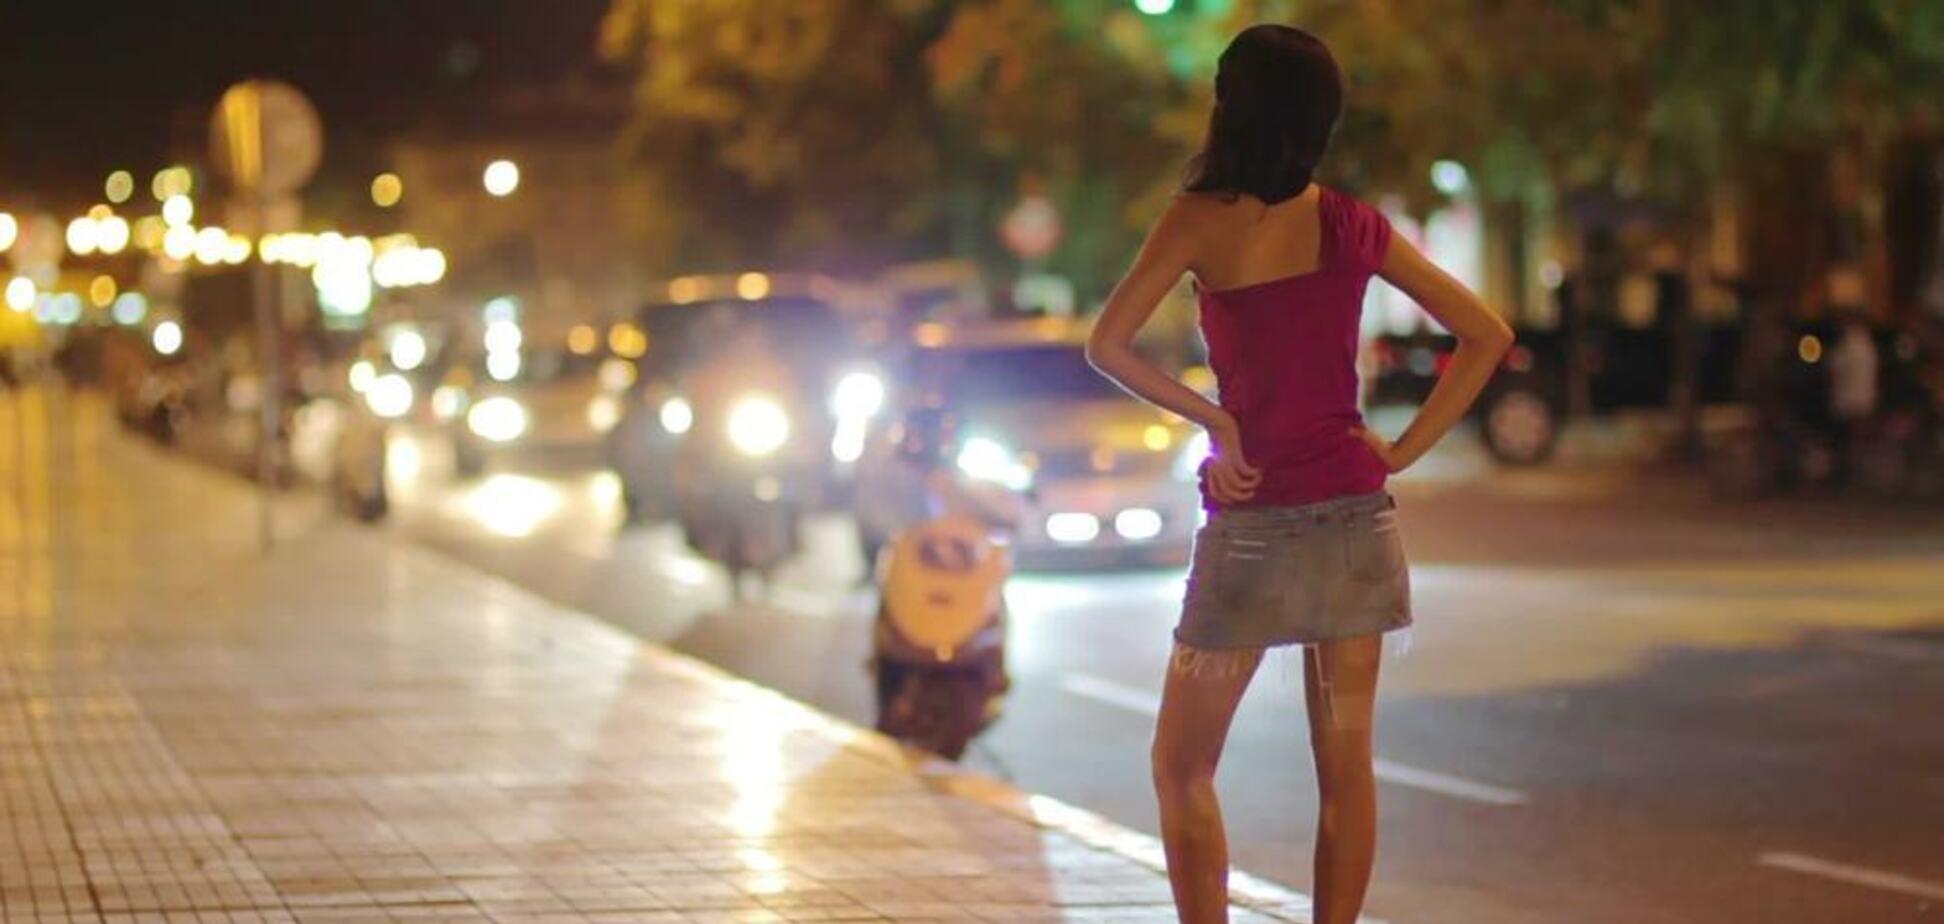 Устраивать чемпионаты: проституцию хотят приравнять к спорту